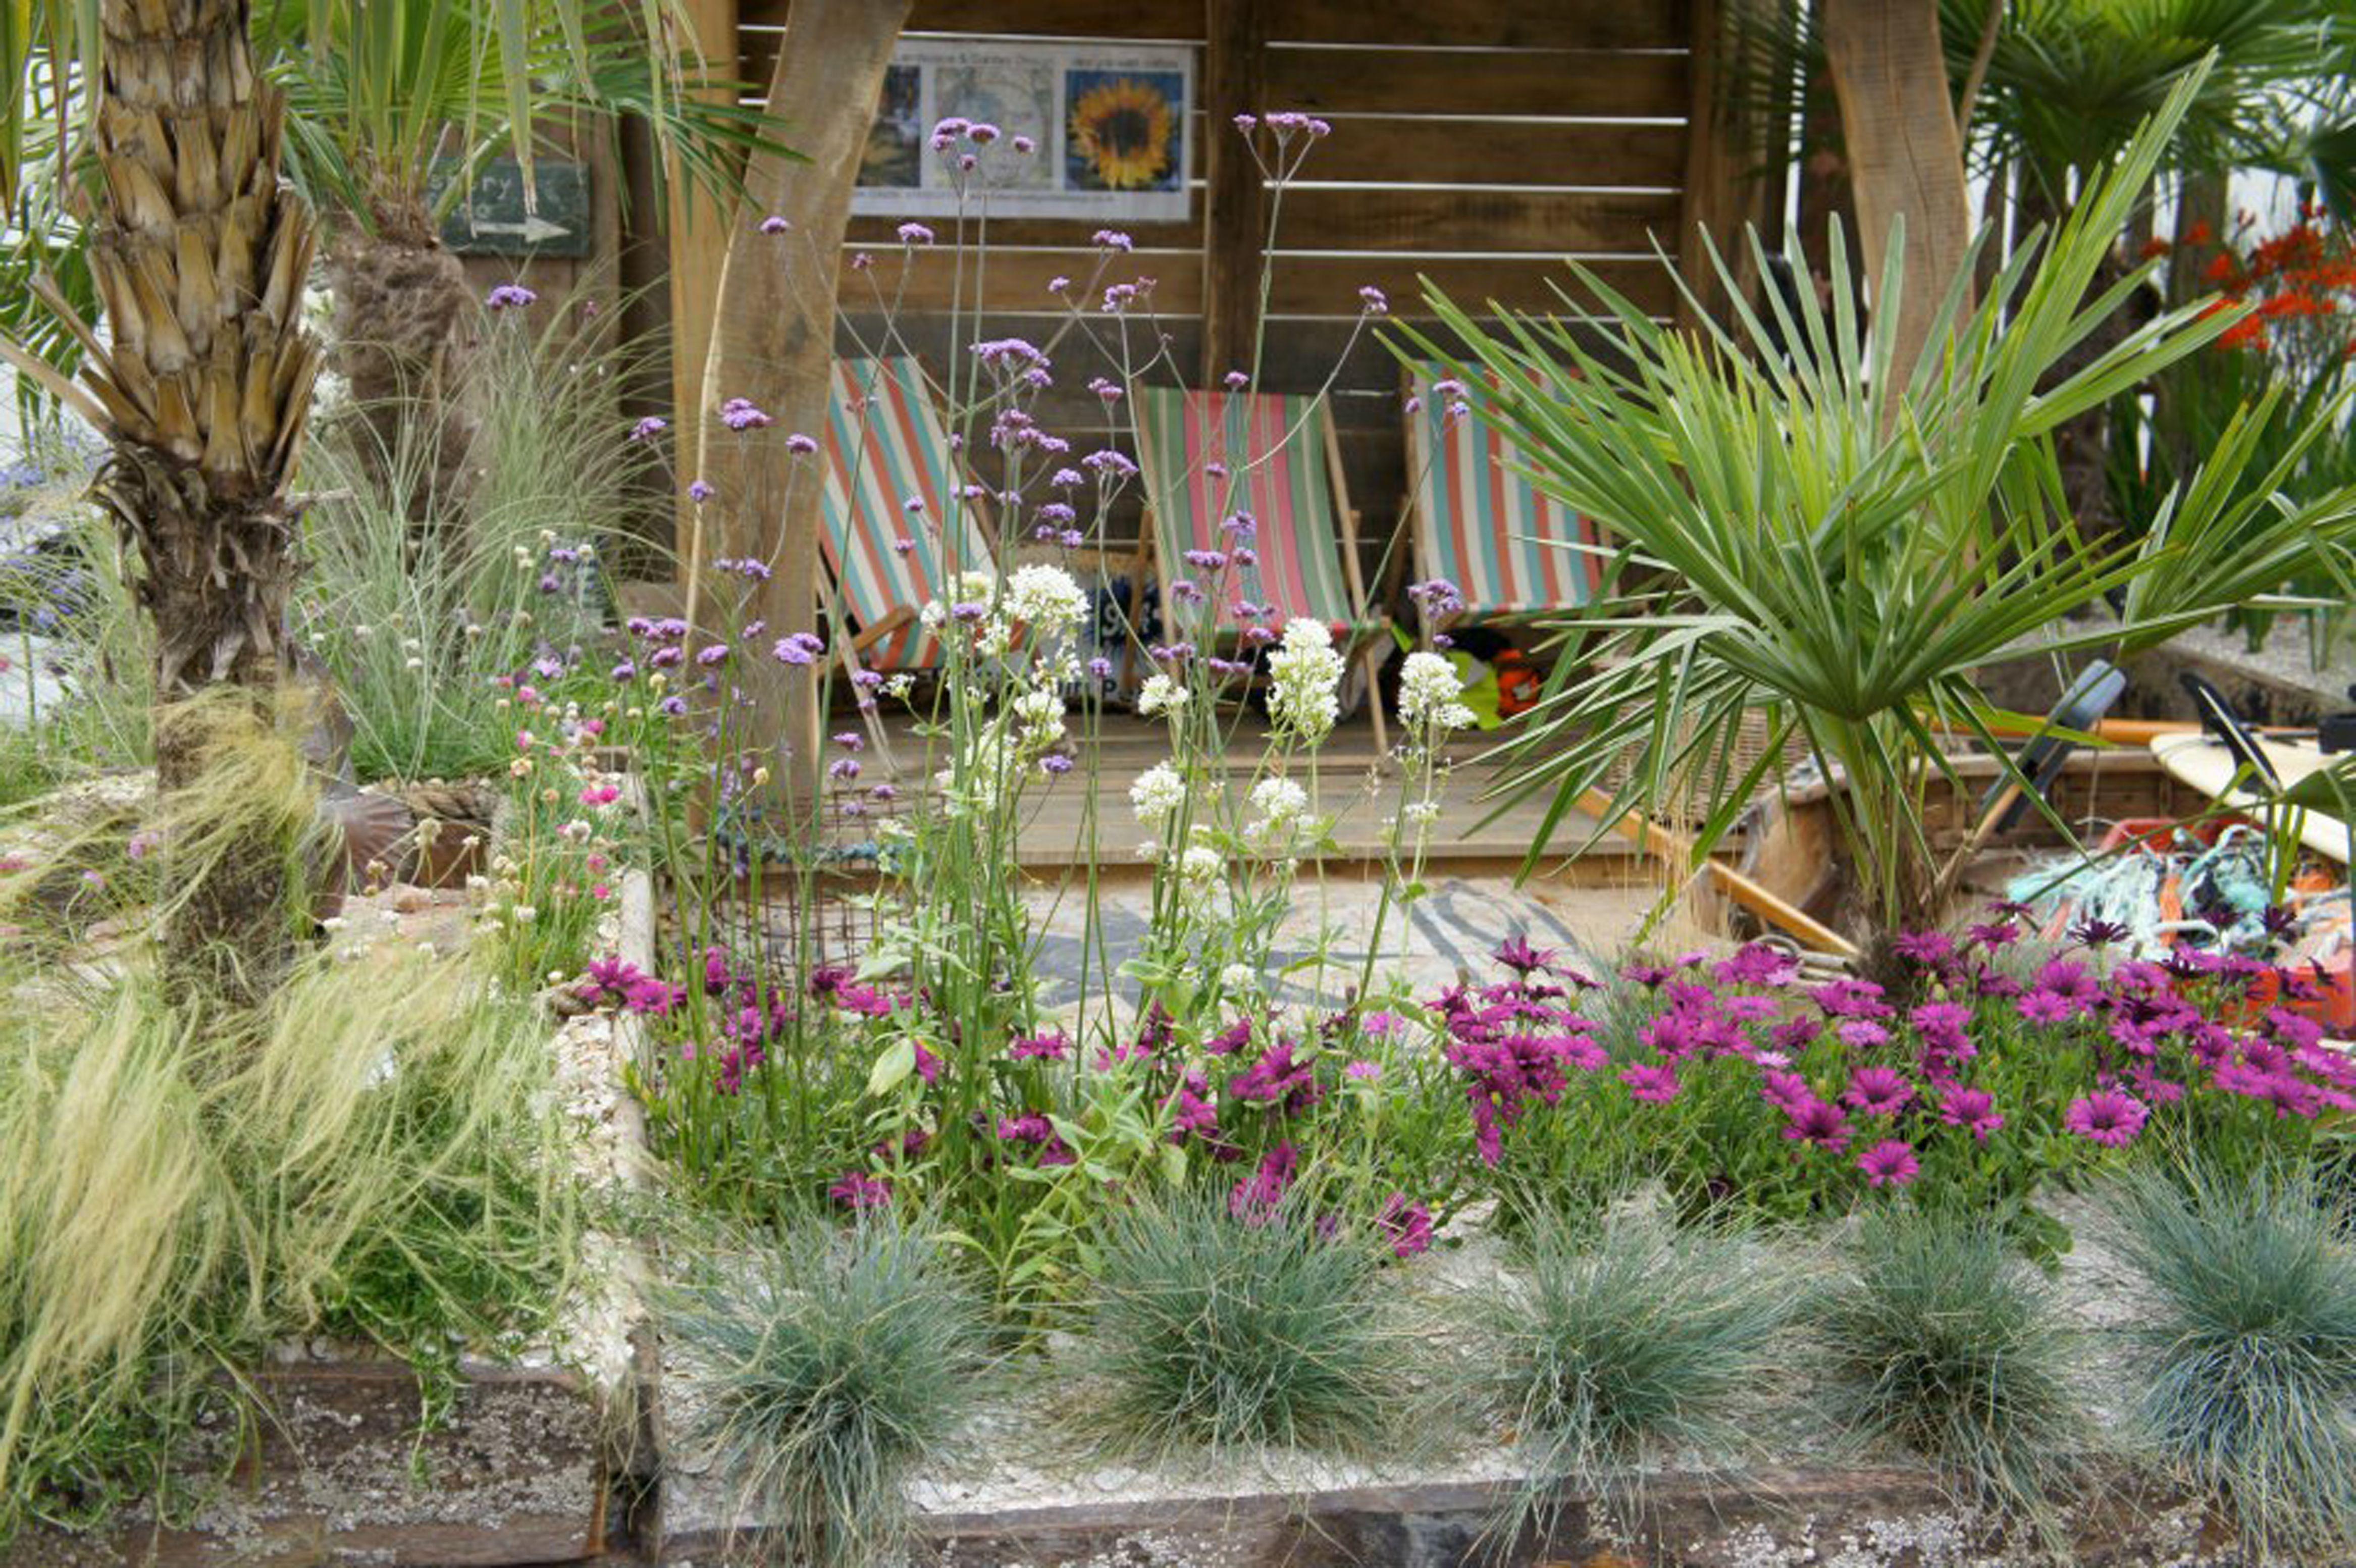 Gold award-winning beach themed show garden for Severndale School ...